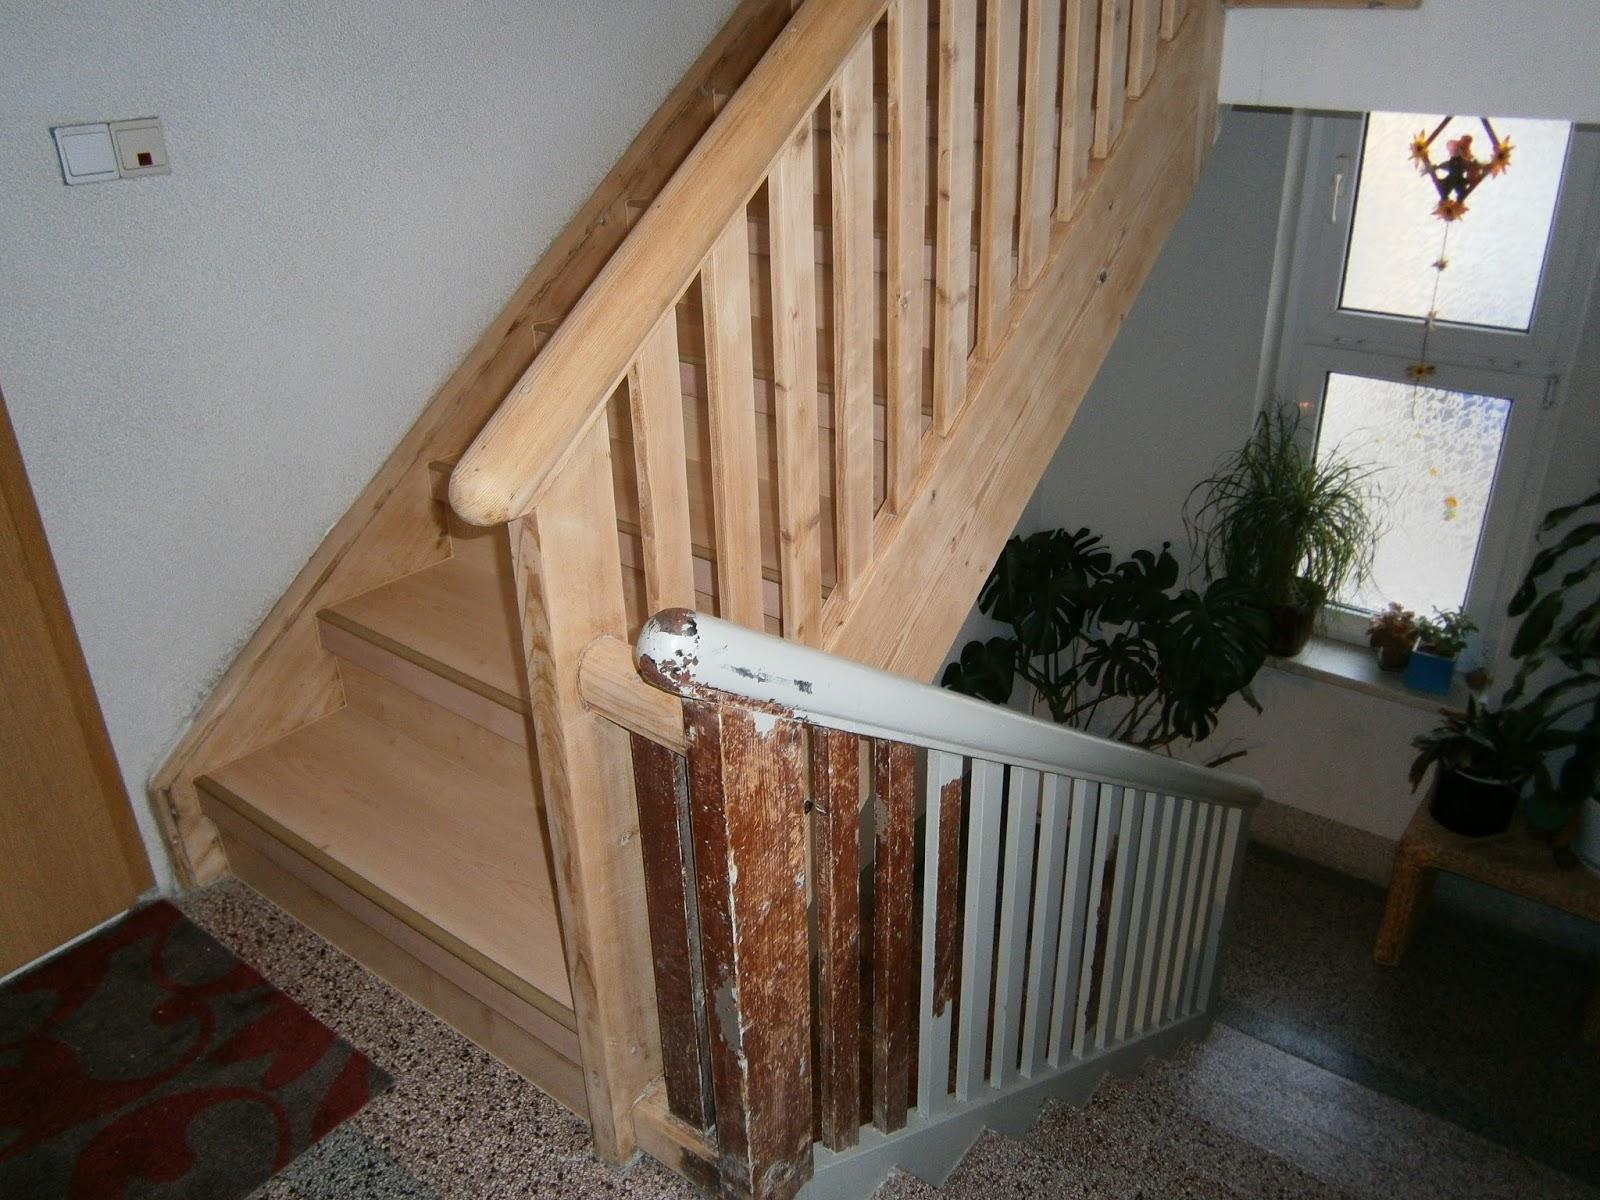 h k treppenrenovierung ihre treppenrenovierung so wird sie richtig vorbereitet. Black Bedroom Furniture Sets. Home Design Ideas